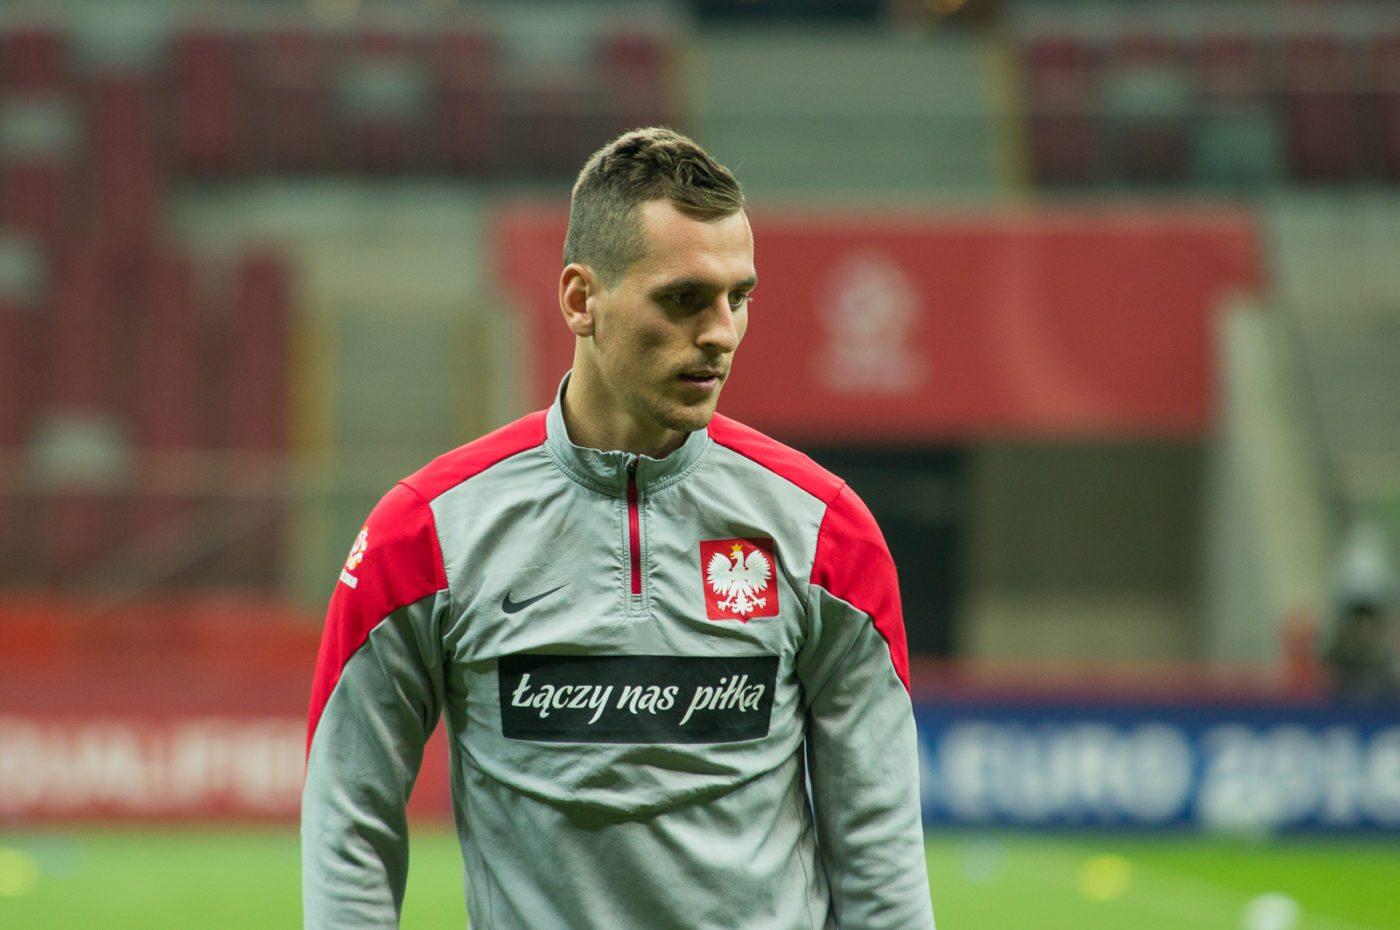 Debiuty Warzychy i Górskiego, wolny Milika – jak wyglądała historia meczów ze Szwajcarią?